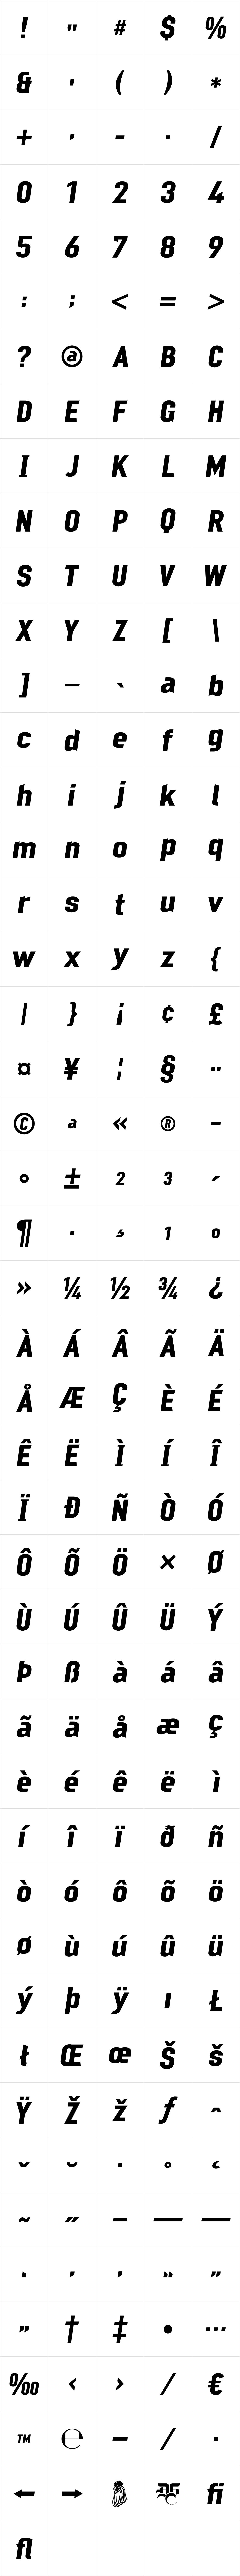 MechanicGothicDST Bold Italic